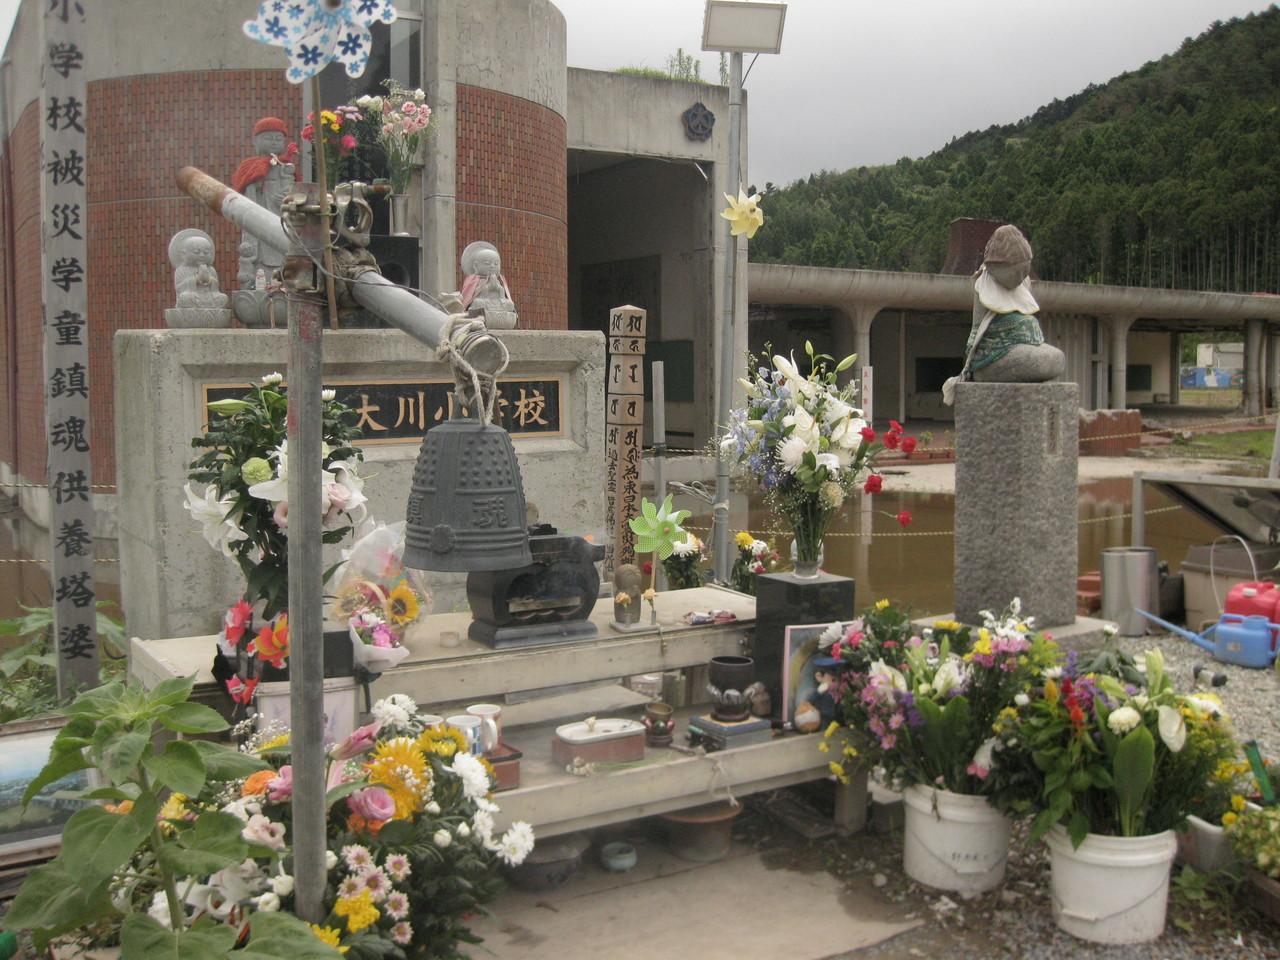 三日目に訪ねた大川小学校。全児童108人のうち74人が津波で命を落すという惨事の舞台となった。